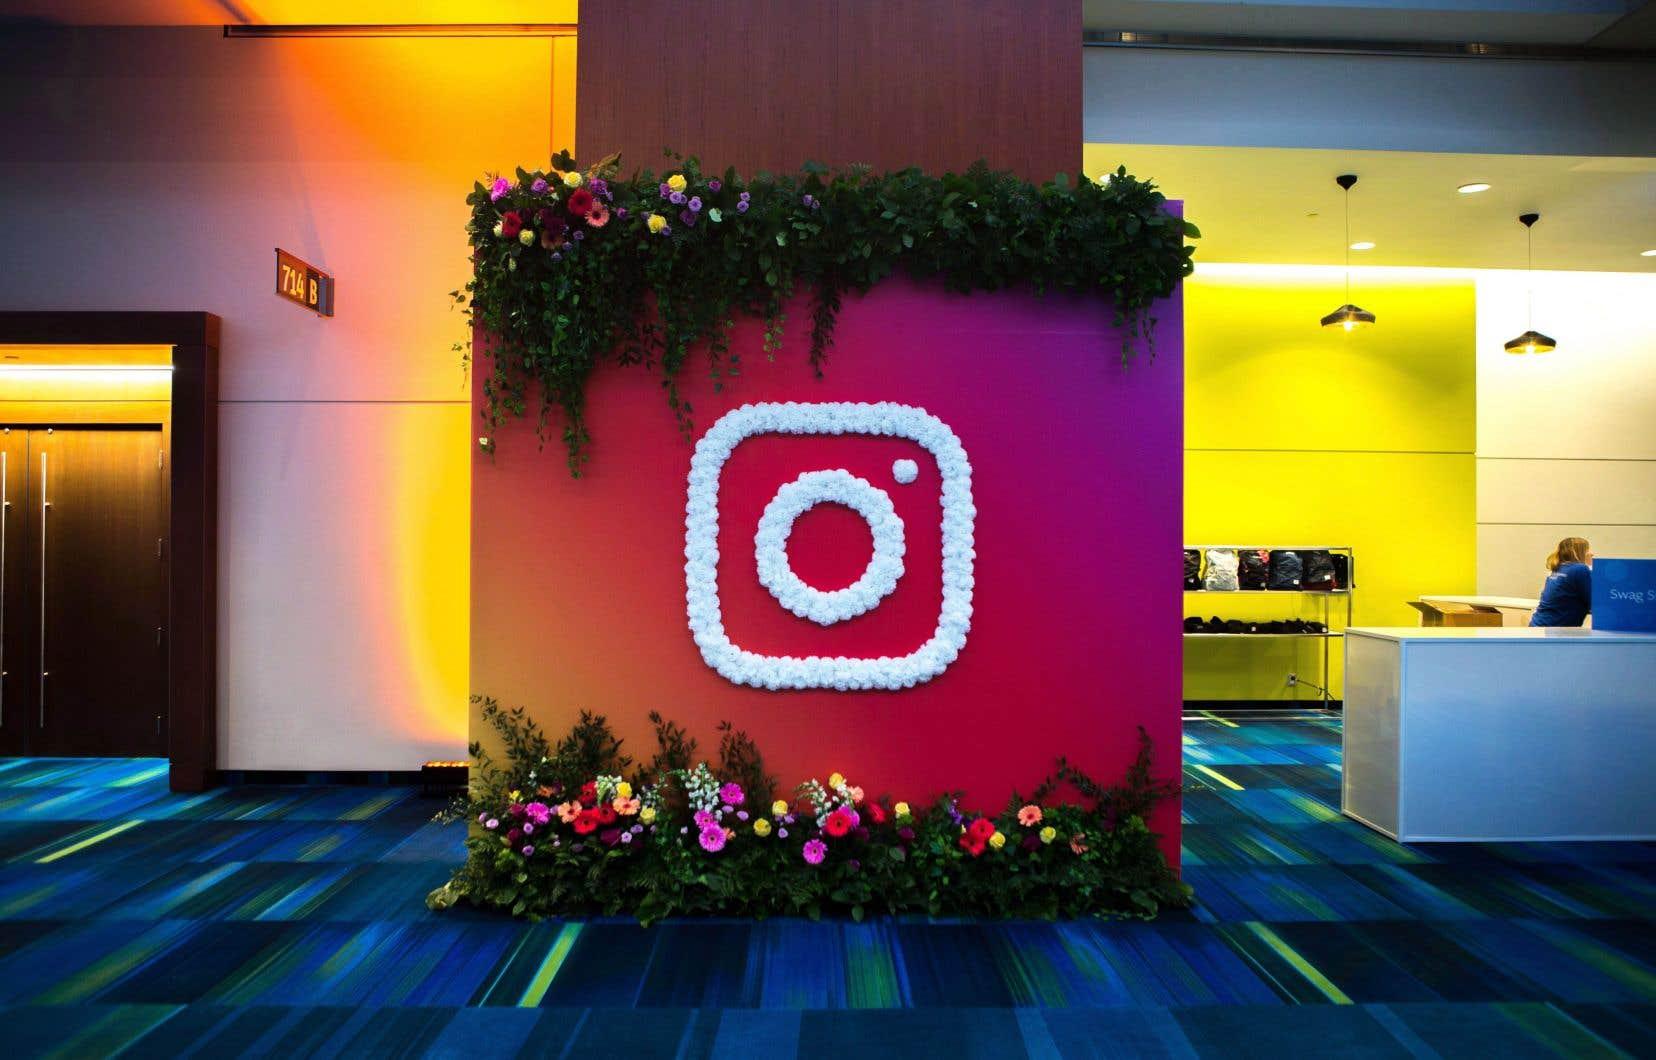 Le plus souvent, les utilisateurs sont arnaqués par un courriel qui semble provenir d'Instagram et leur demande de renouveler leur mot de passe.